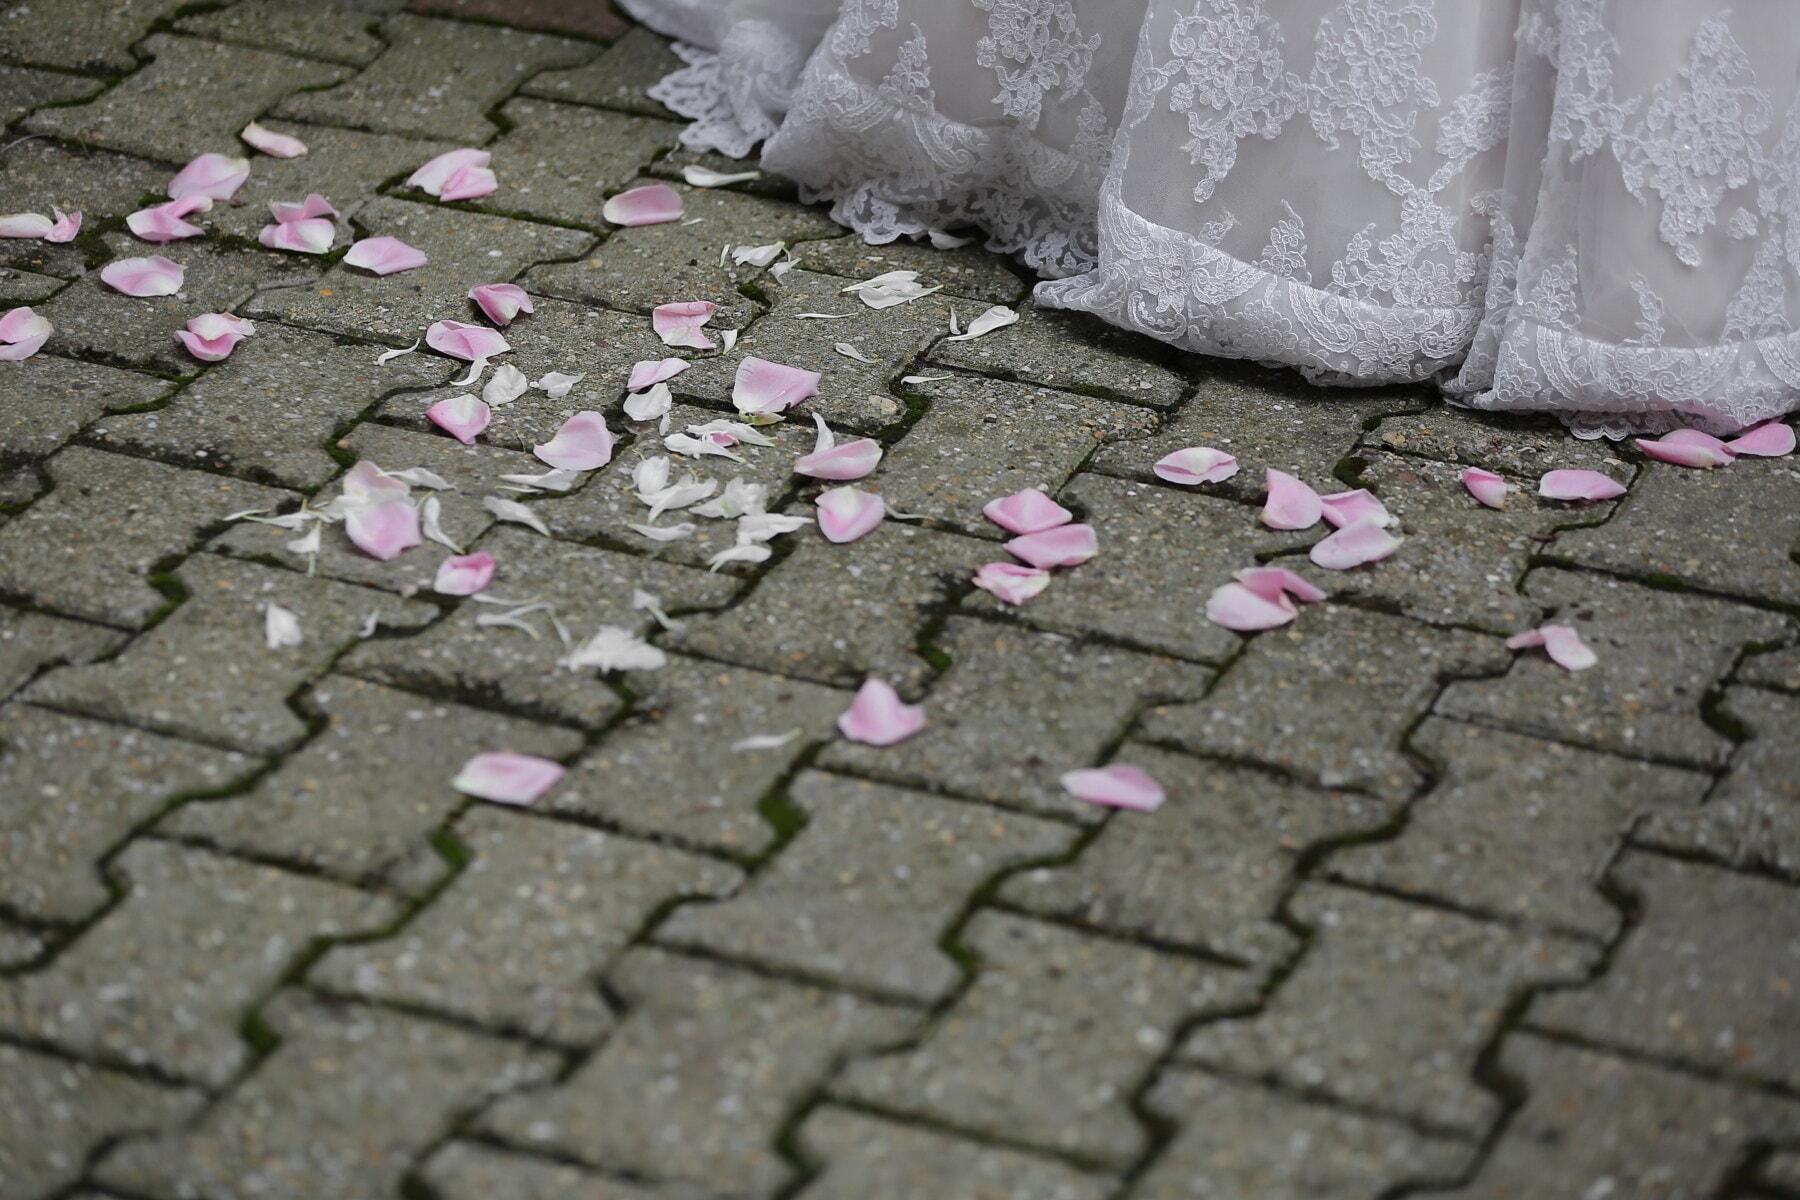 Blütenblätter, Rosa, Gehweg, Pflaster, Terrasse, Hochzeitskleid, Oberfläche, Textur, Urban, Straße